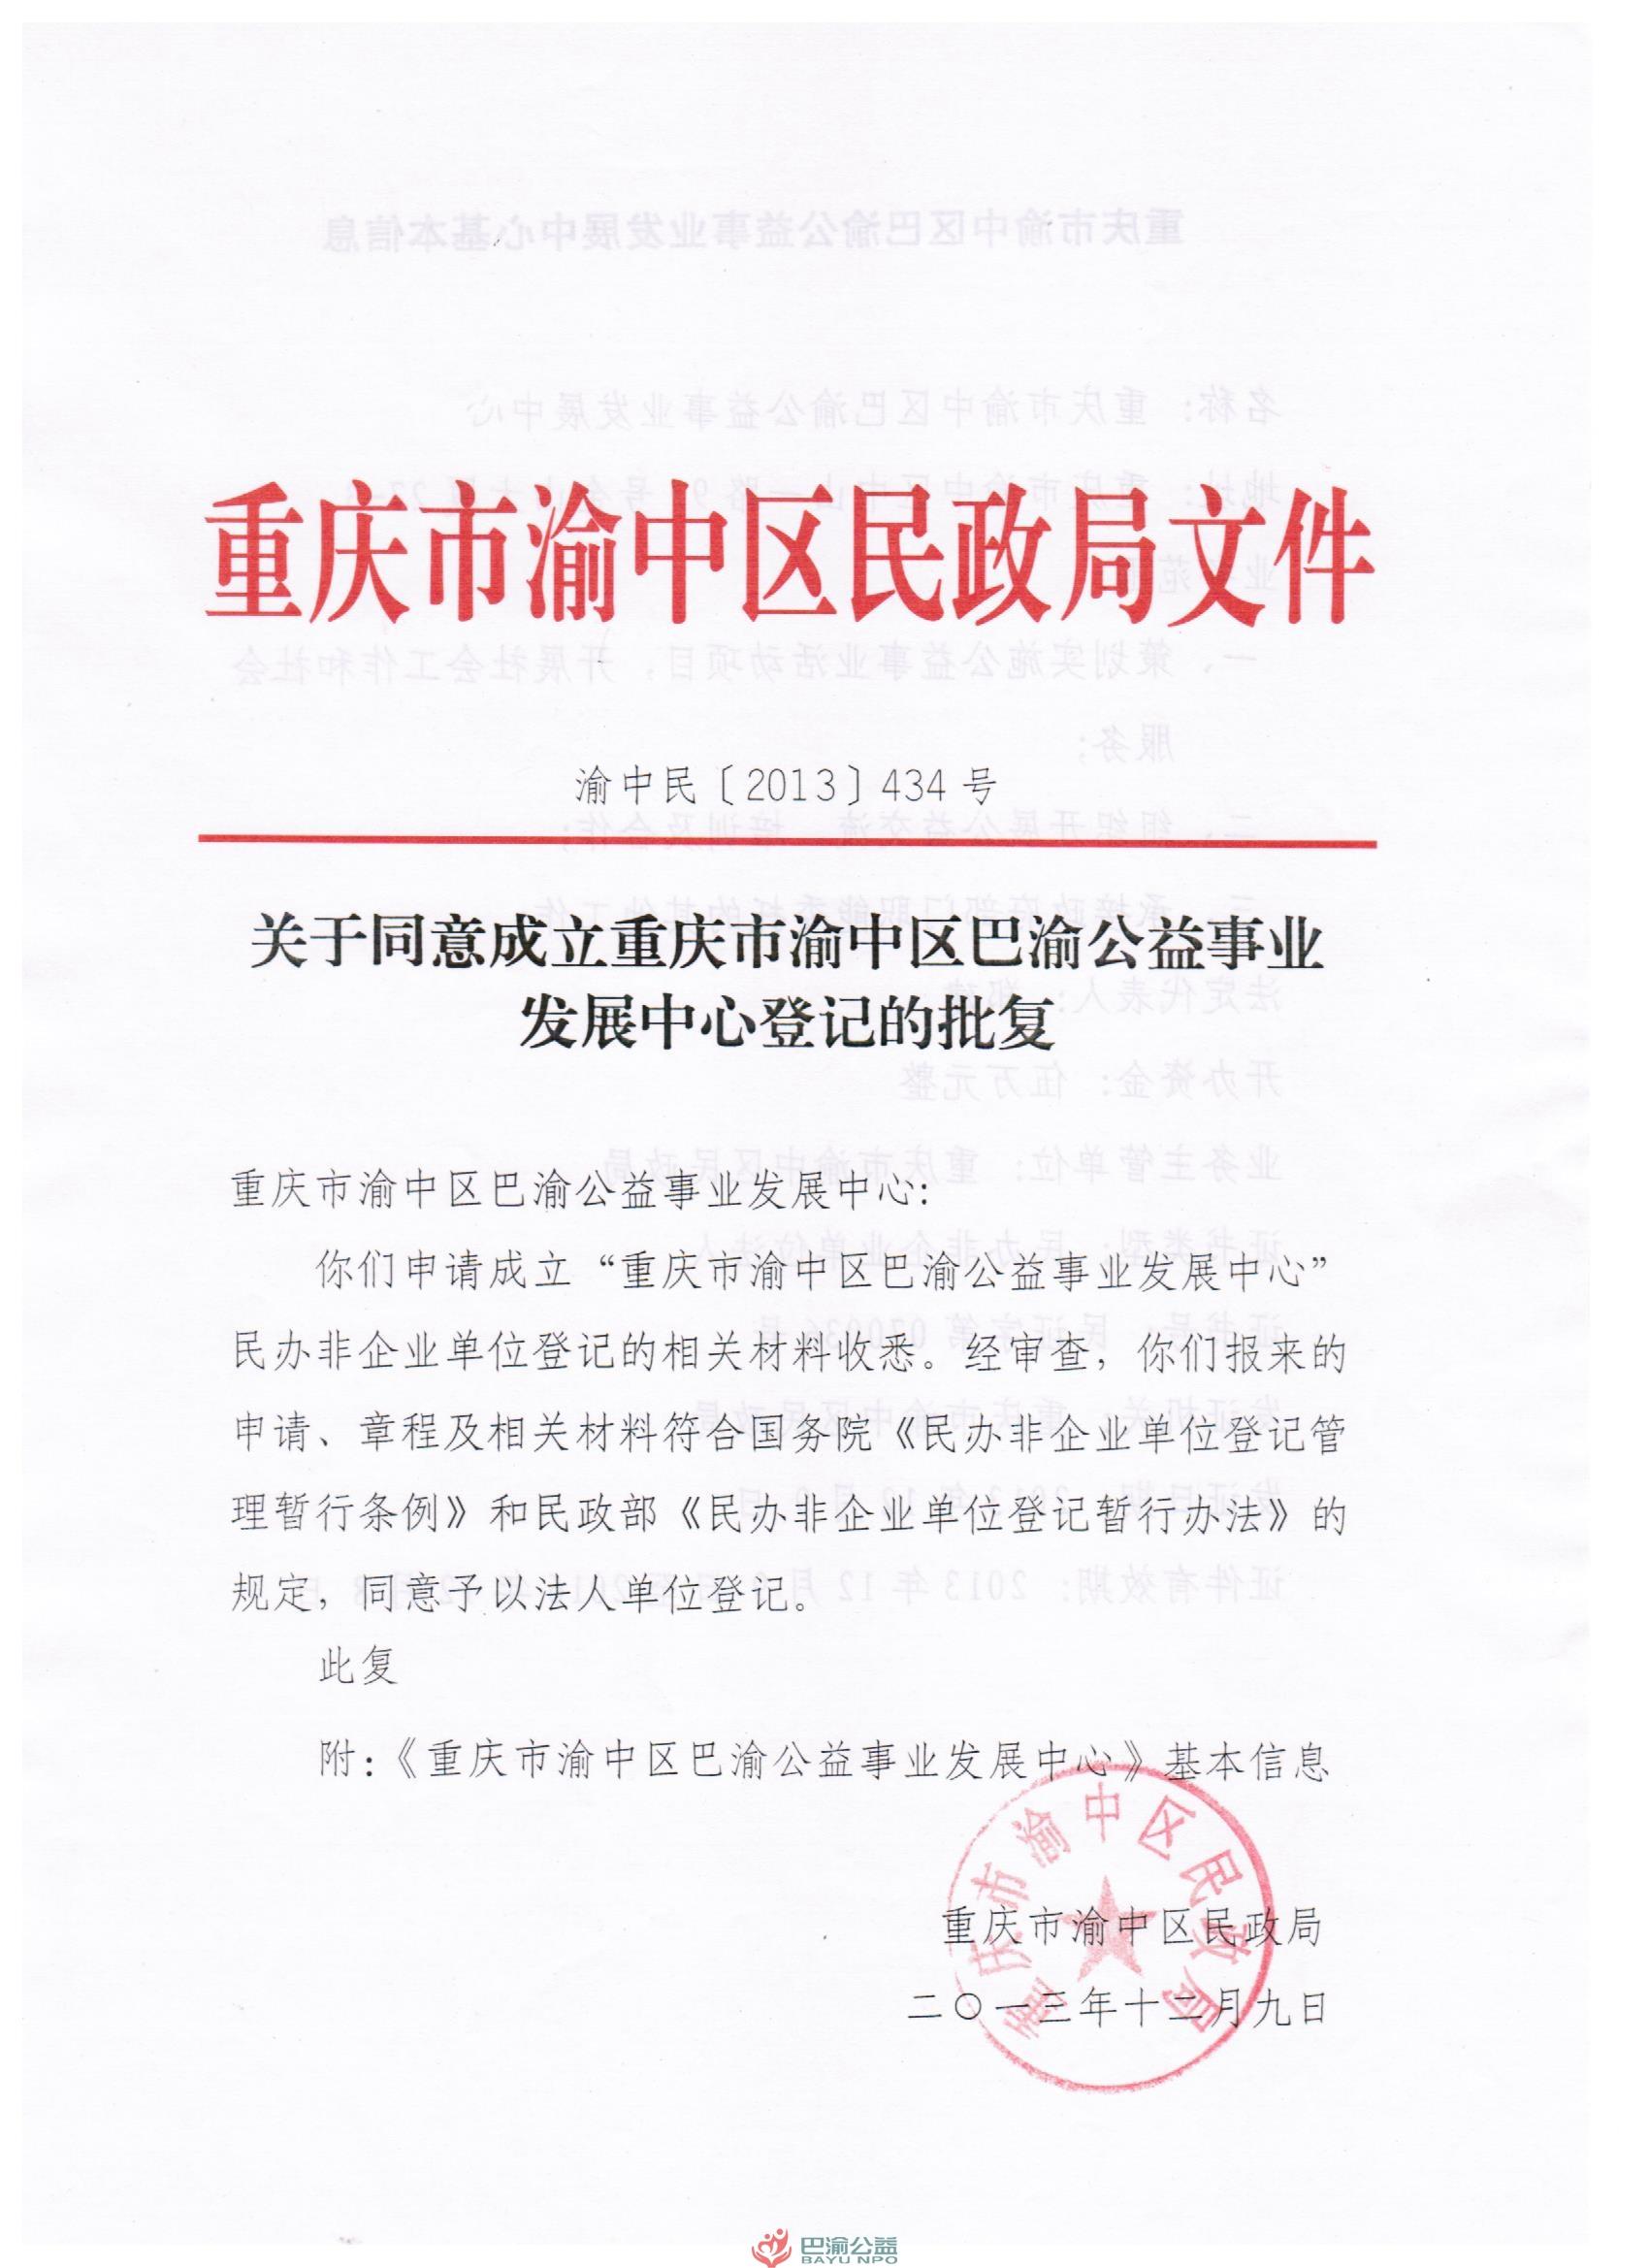 重庆青年环境交流中心注册为重庆市渝中区巴渝公益事业发展中心